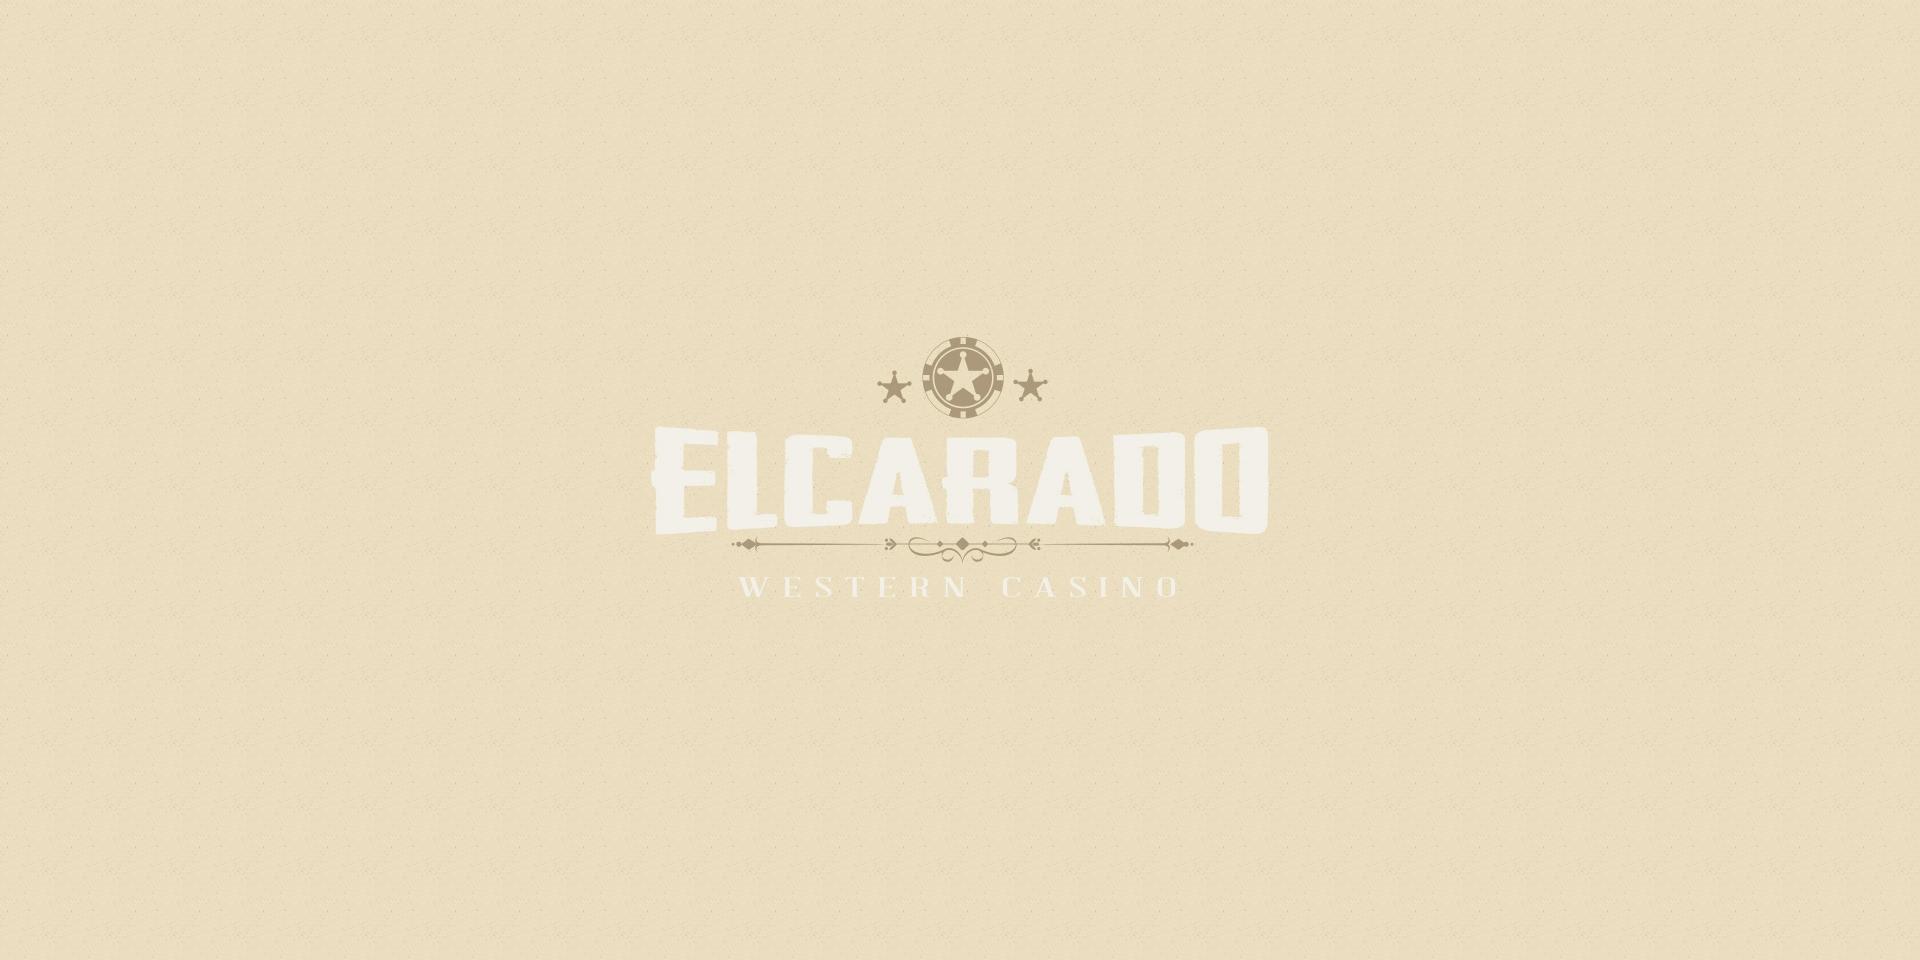 Elcarado